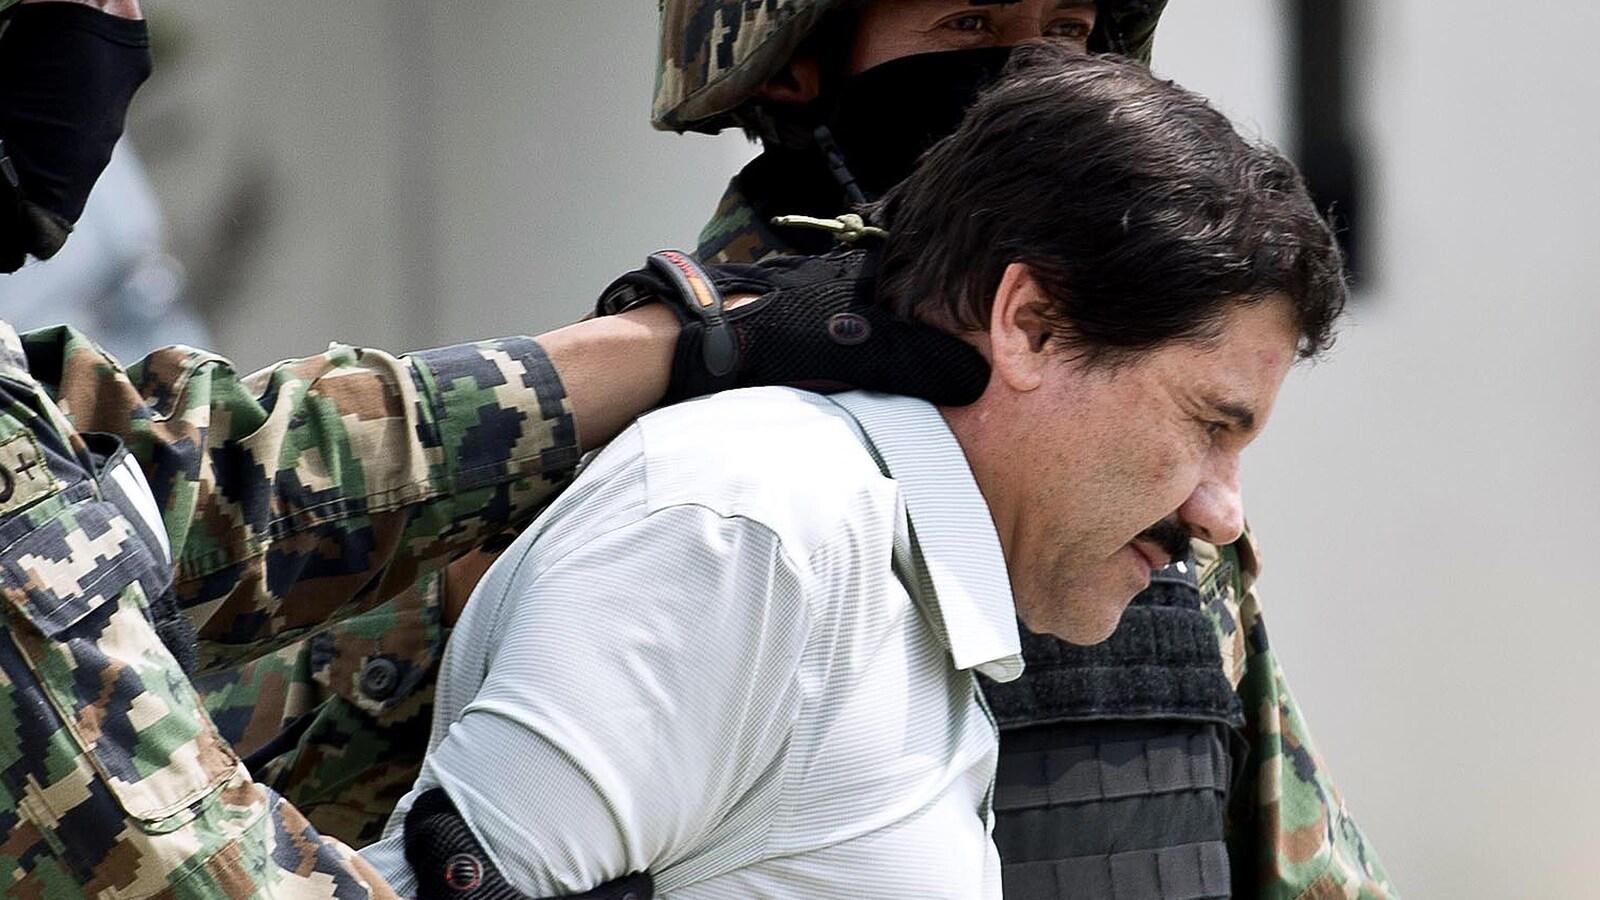 Deux soldats flanquent Joaquin El Chapo Guzman qui apparait en chemise blanche, la tête légèrement penchée vers le bas.